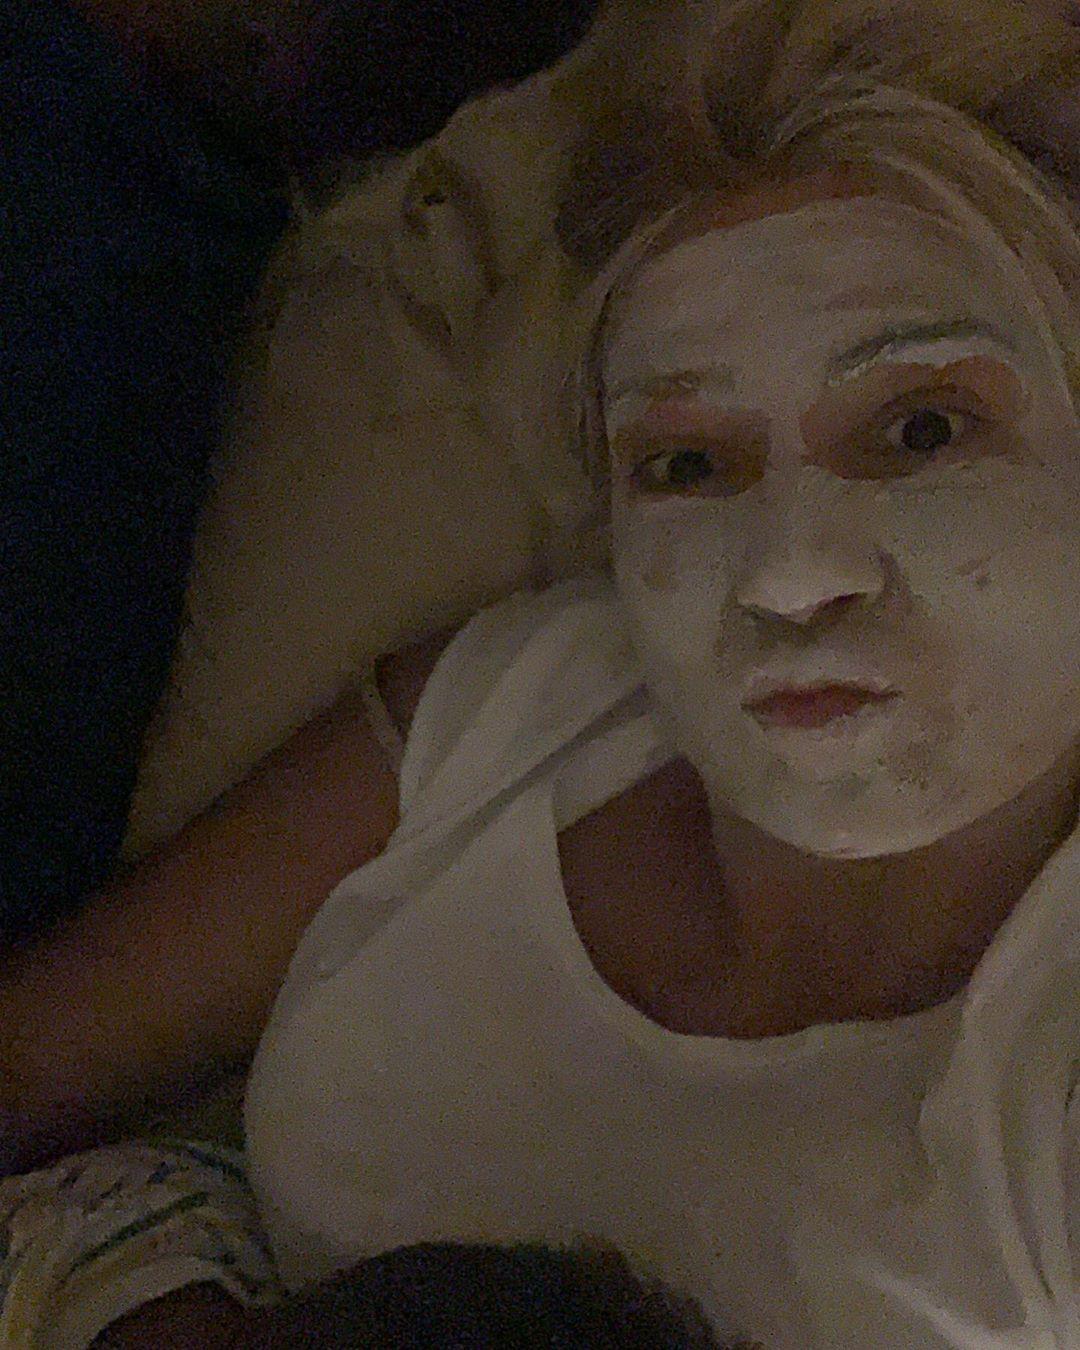 Η Φαίη Σκορδά με μάσκα ομορφιάς λίγο πριν την πρεμιέρα της